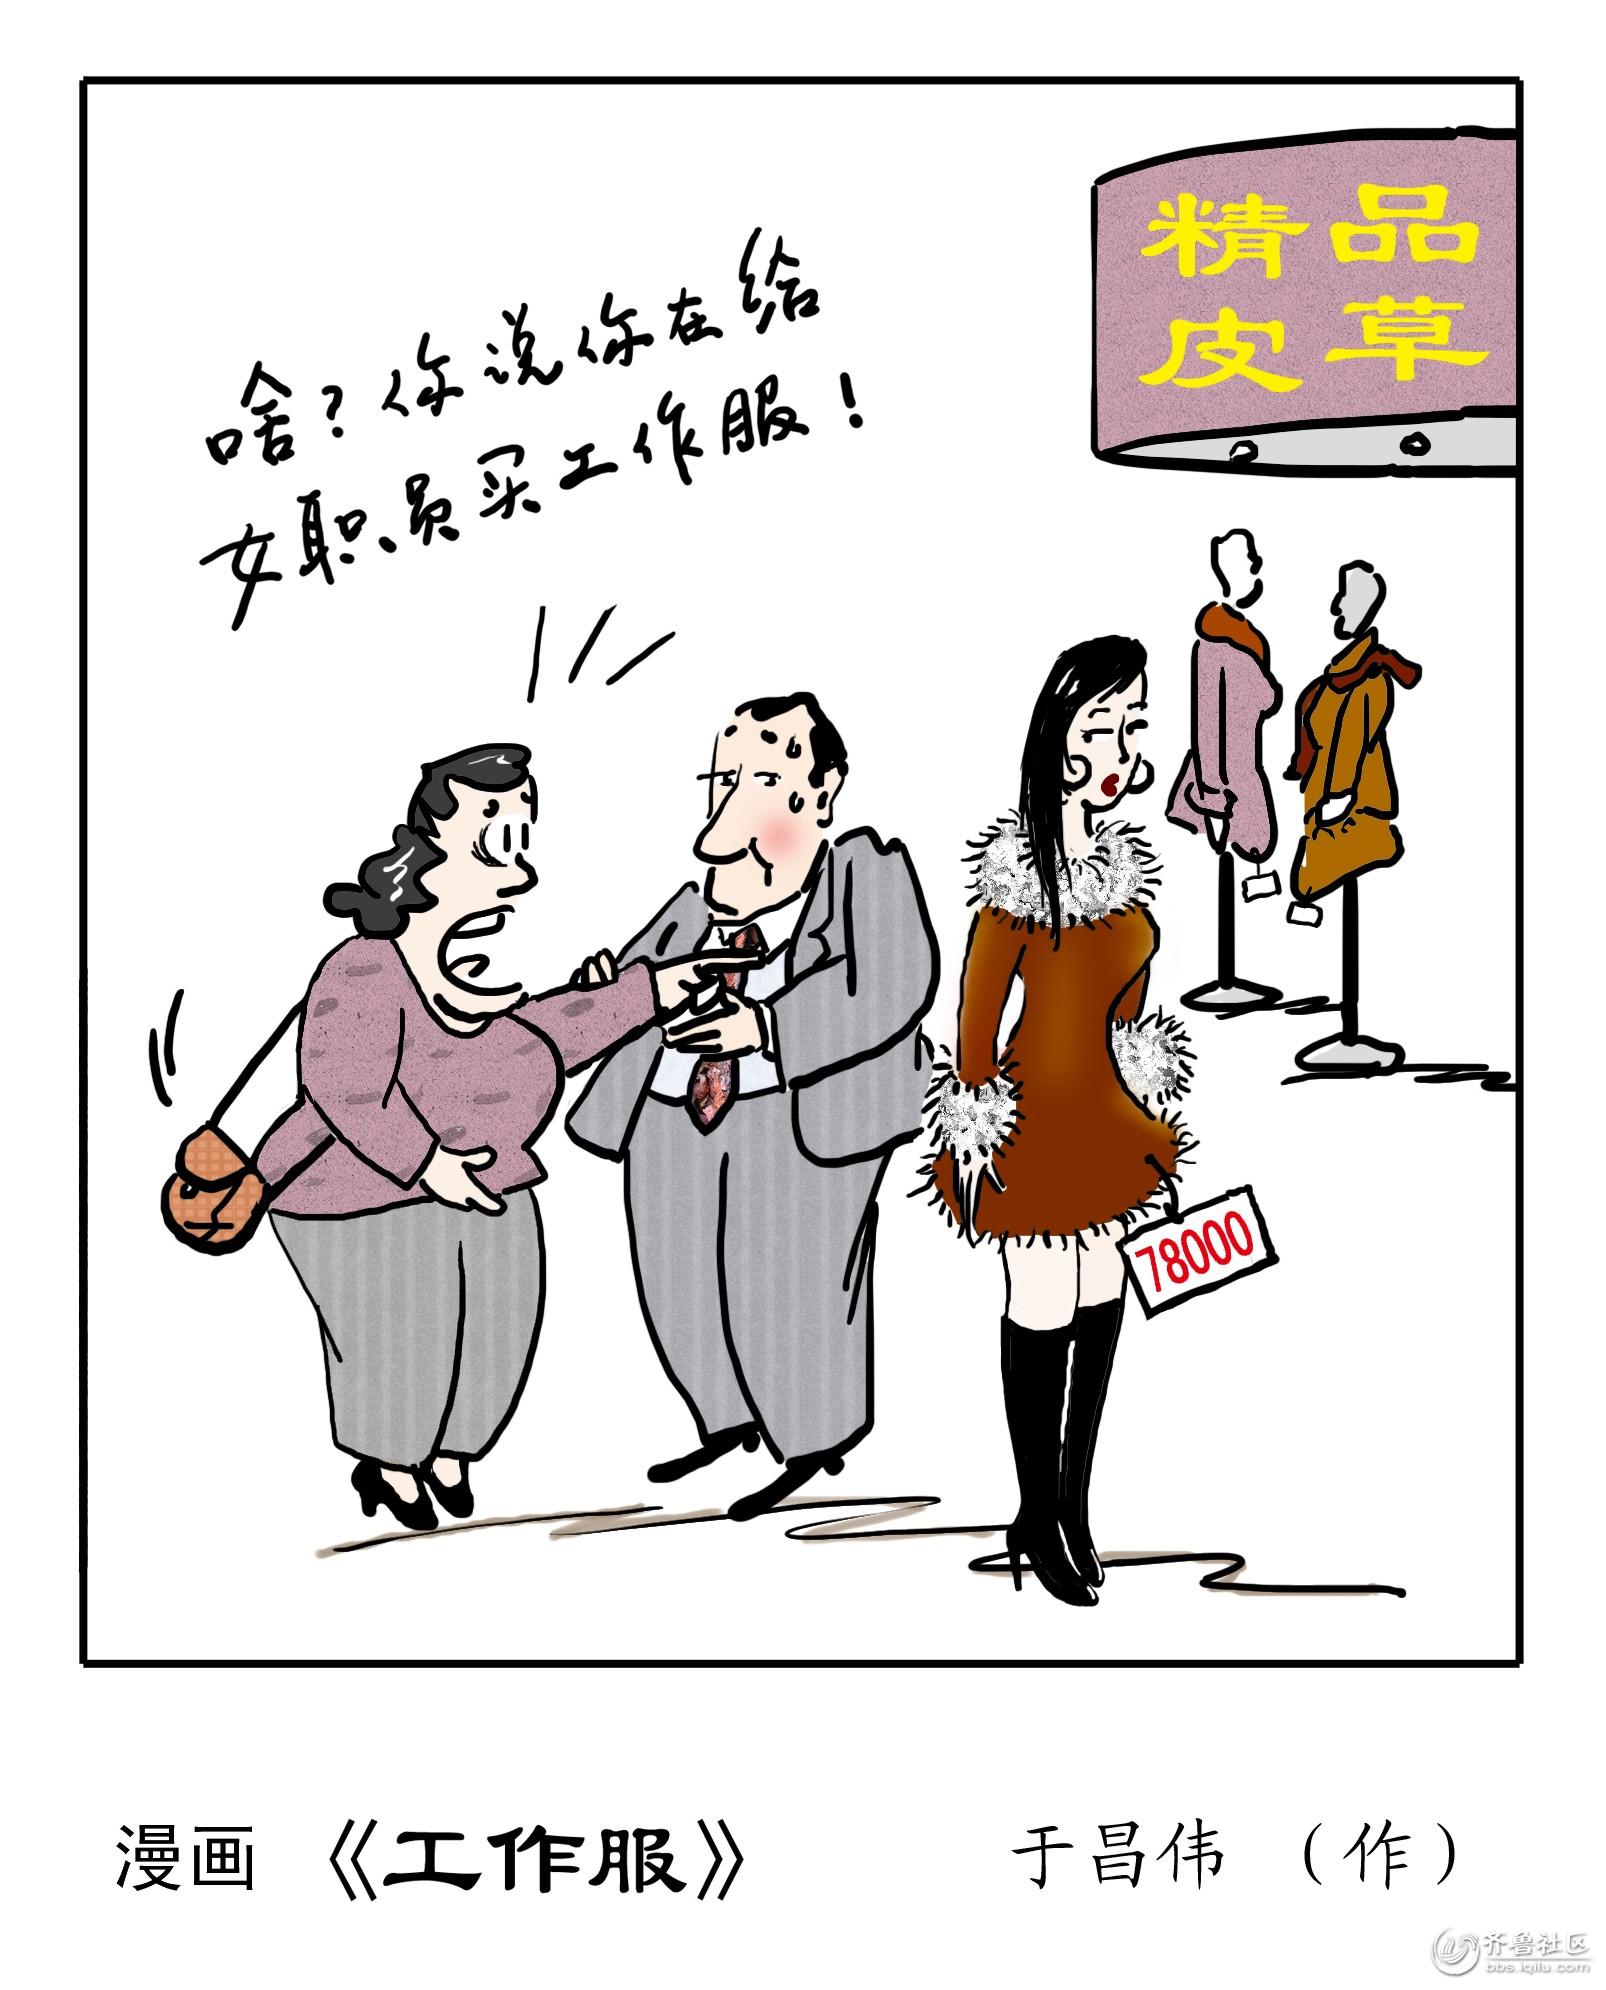 wb3彩色漫画《工作服》.jpg